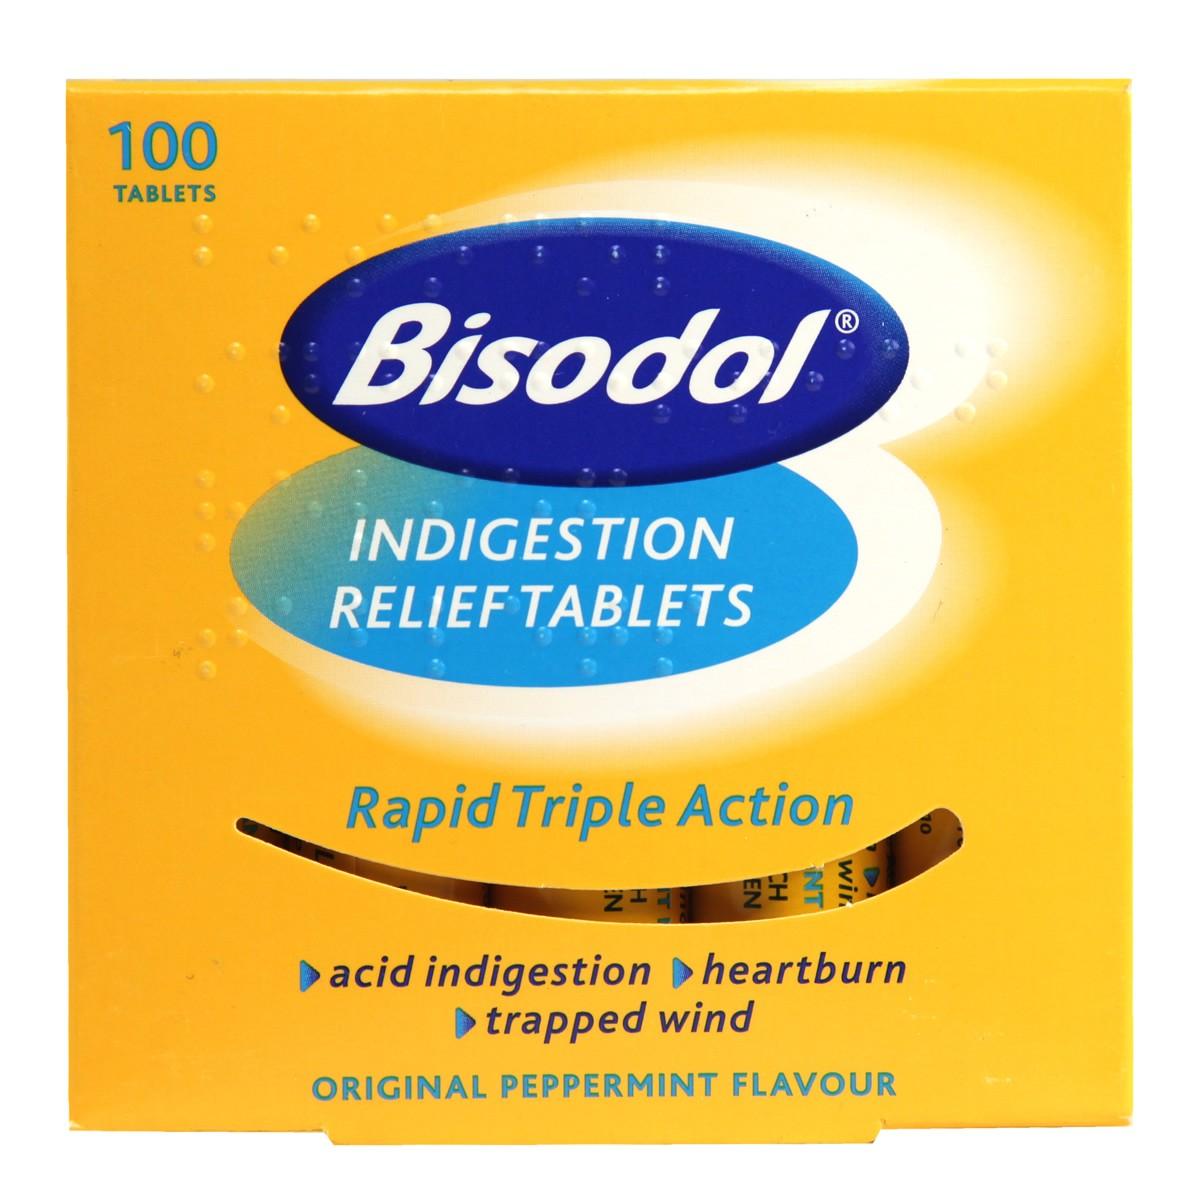 Bisodol Indigestion Relief Tablets